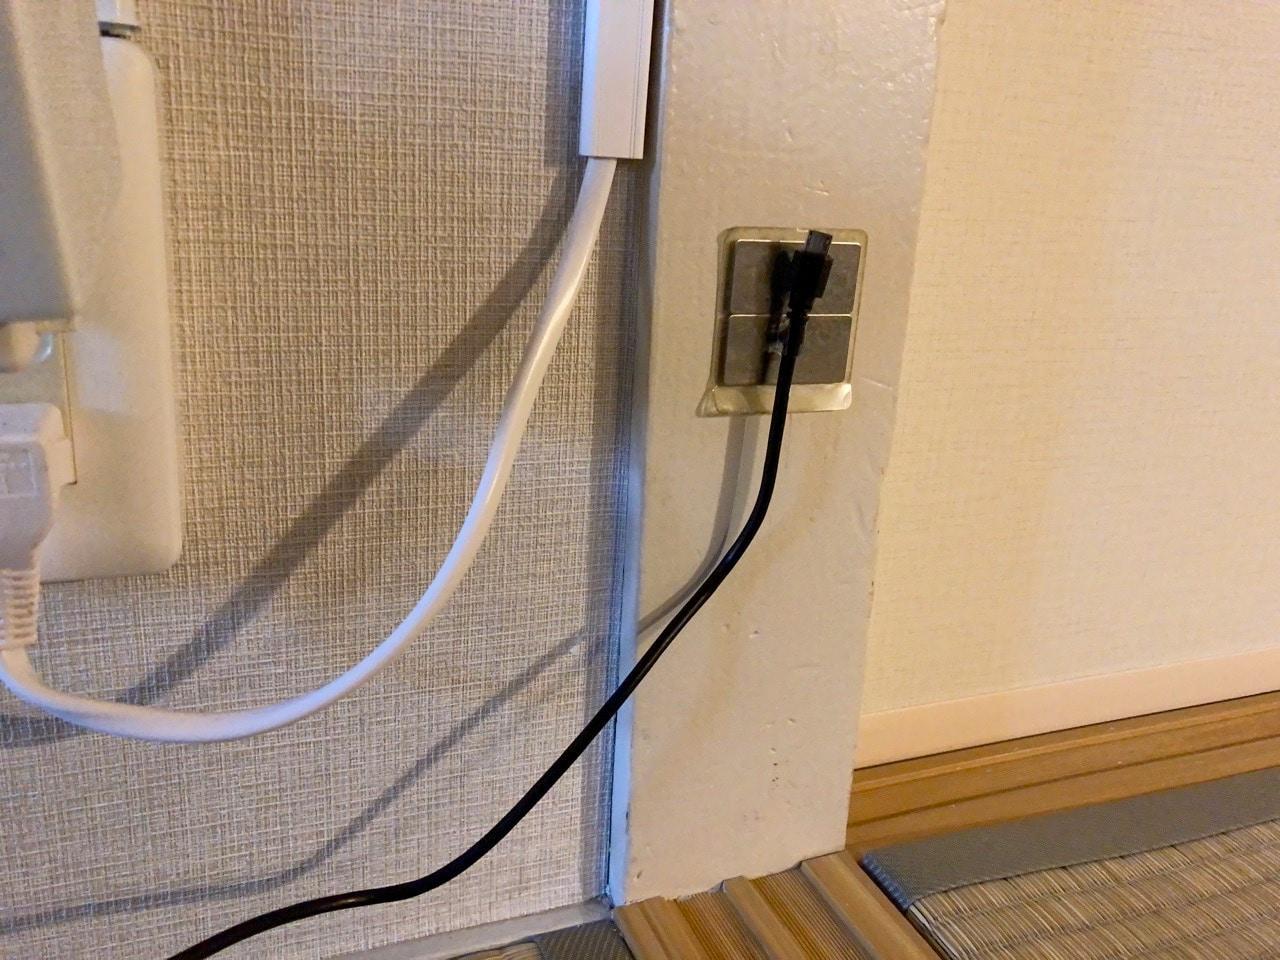 壁にケーブルを磁力で留める